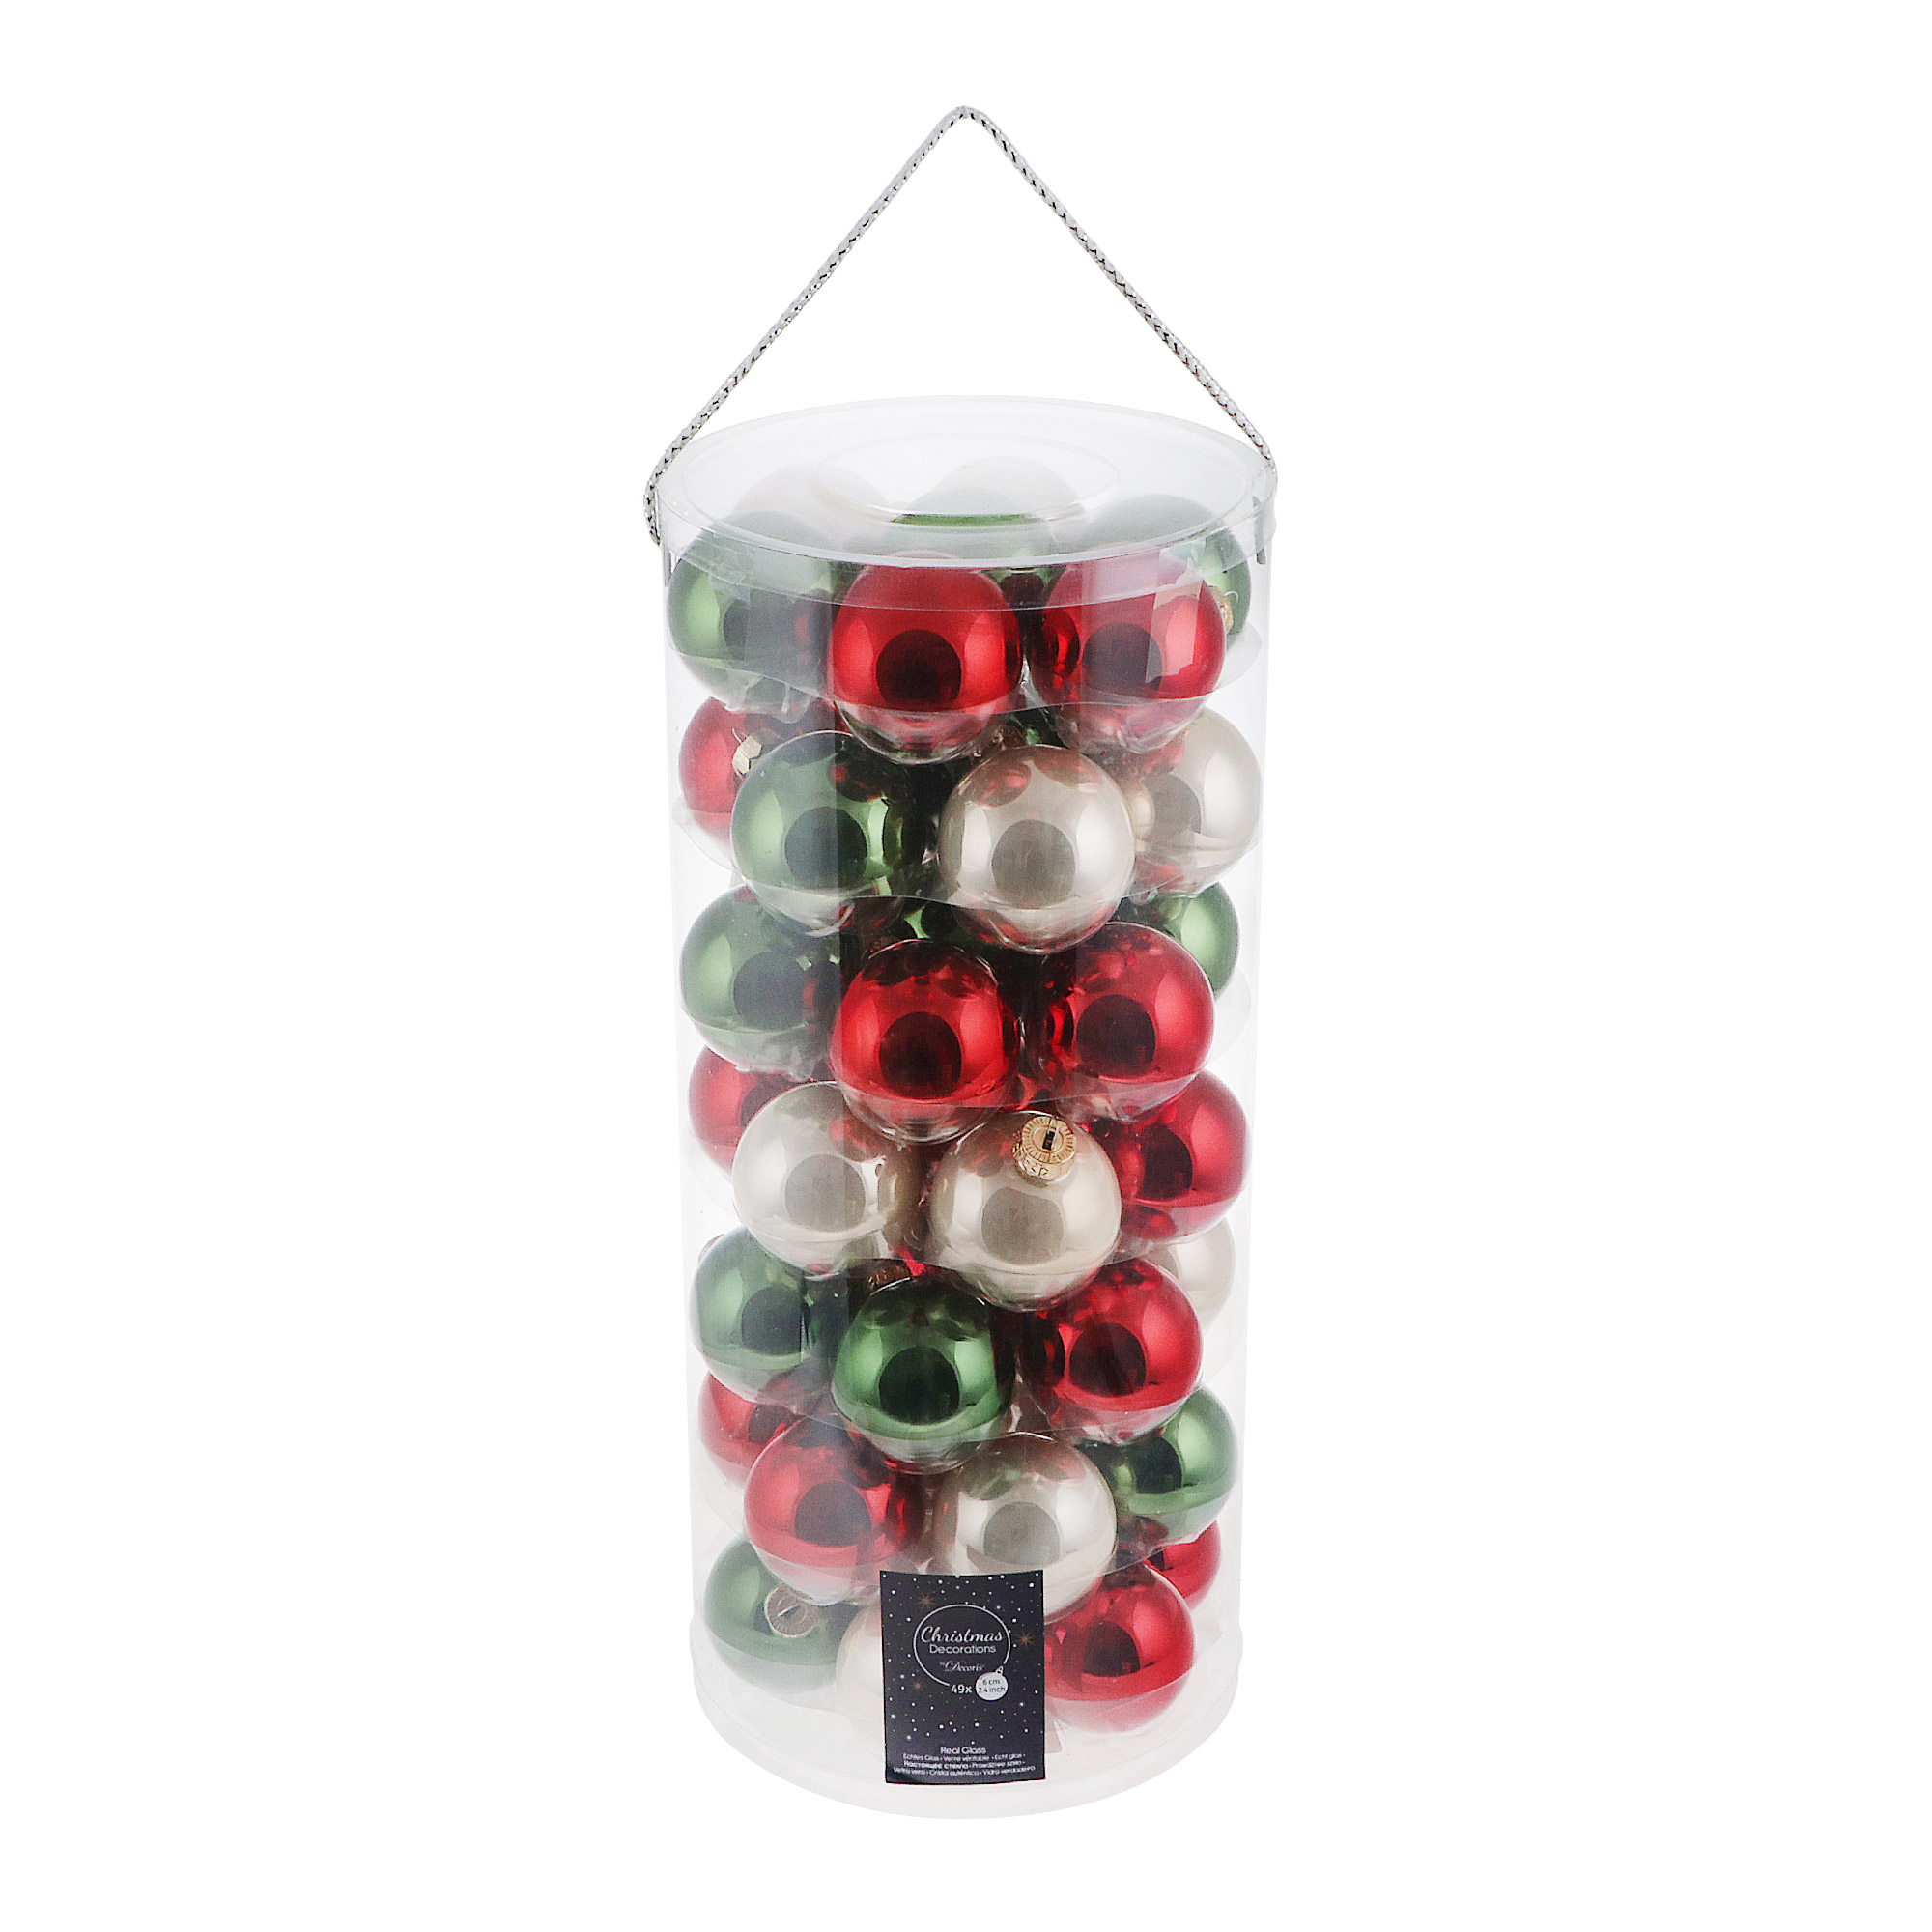 Набор шаров в тубе Kaemingk 6см 49шт в ассортименте набор шаров в тубе kaemingk 6см 10шт бордо стекло